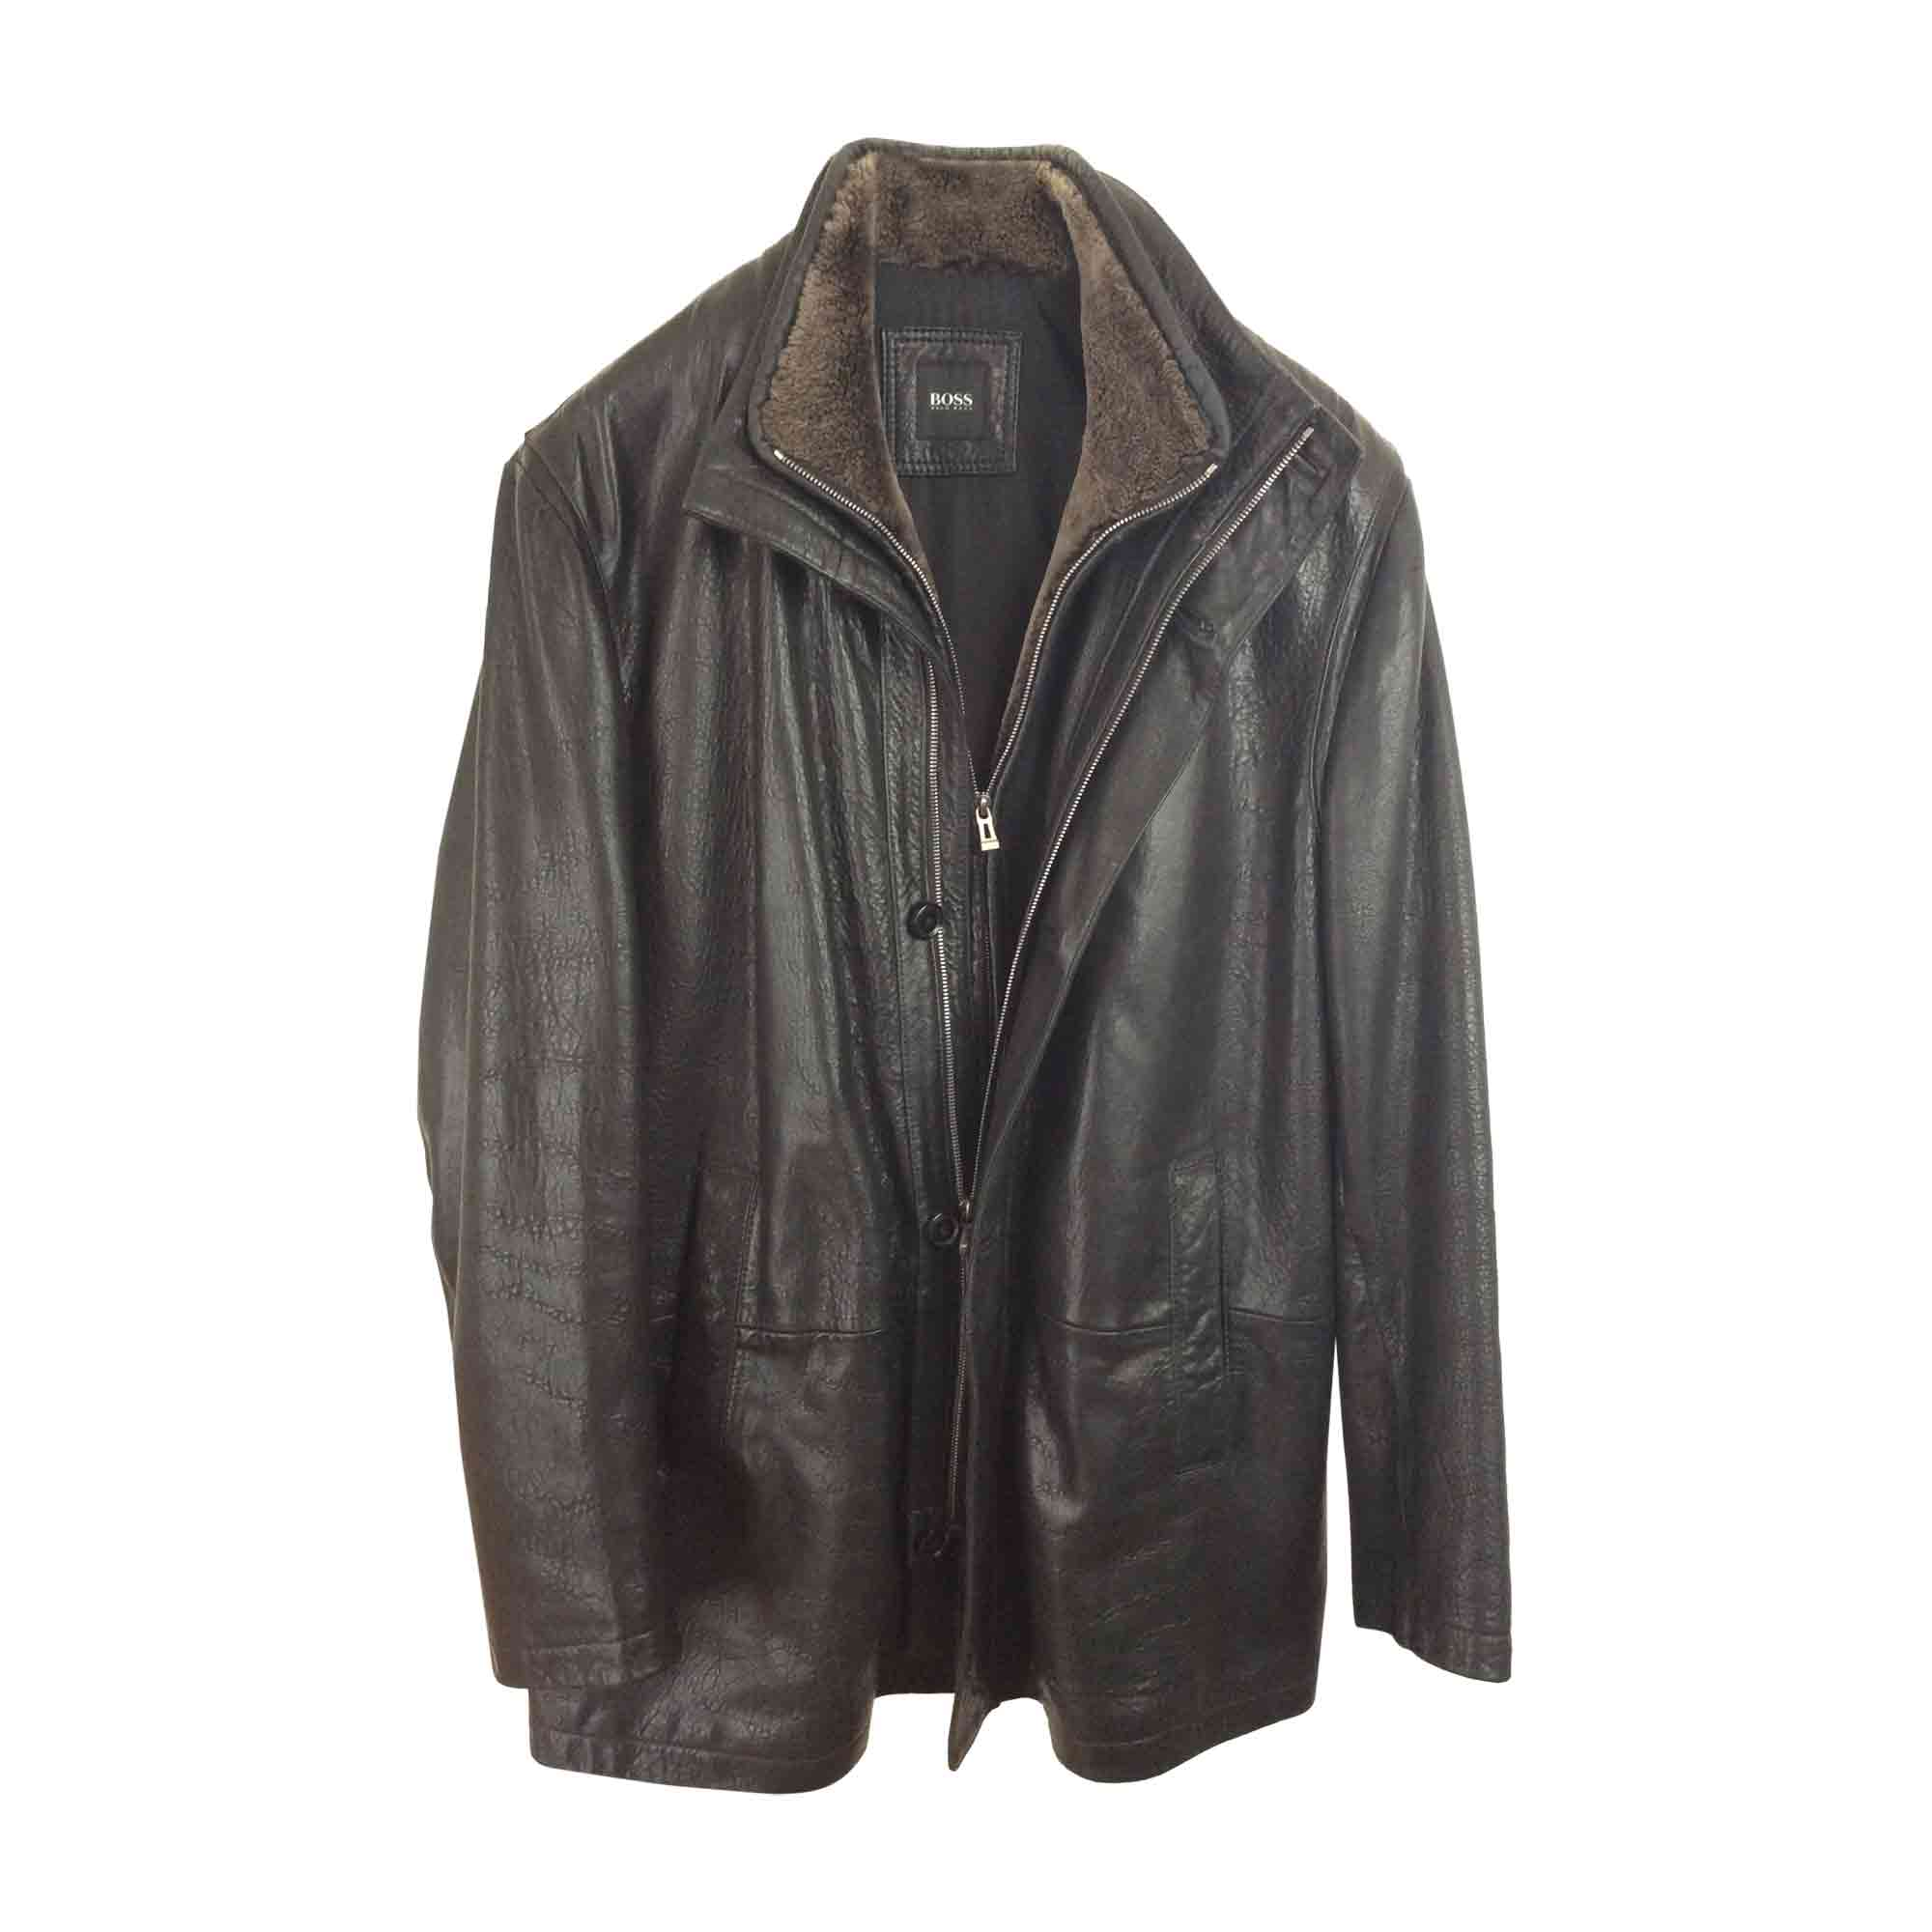 6b3bcba2679 Veste en cuir HUGO BOSS 54 (L) noir vendu par Harmonie8 - 6897685